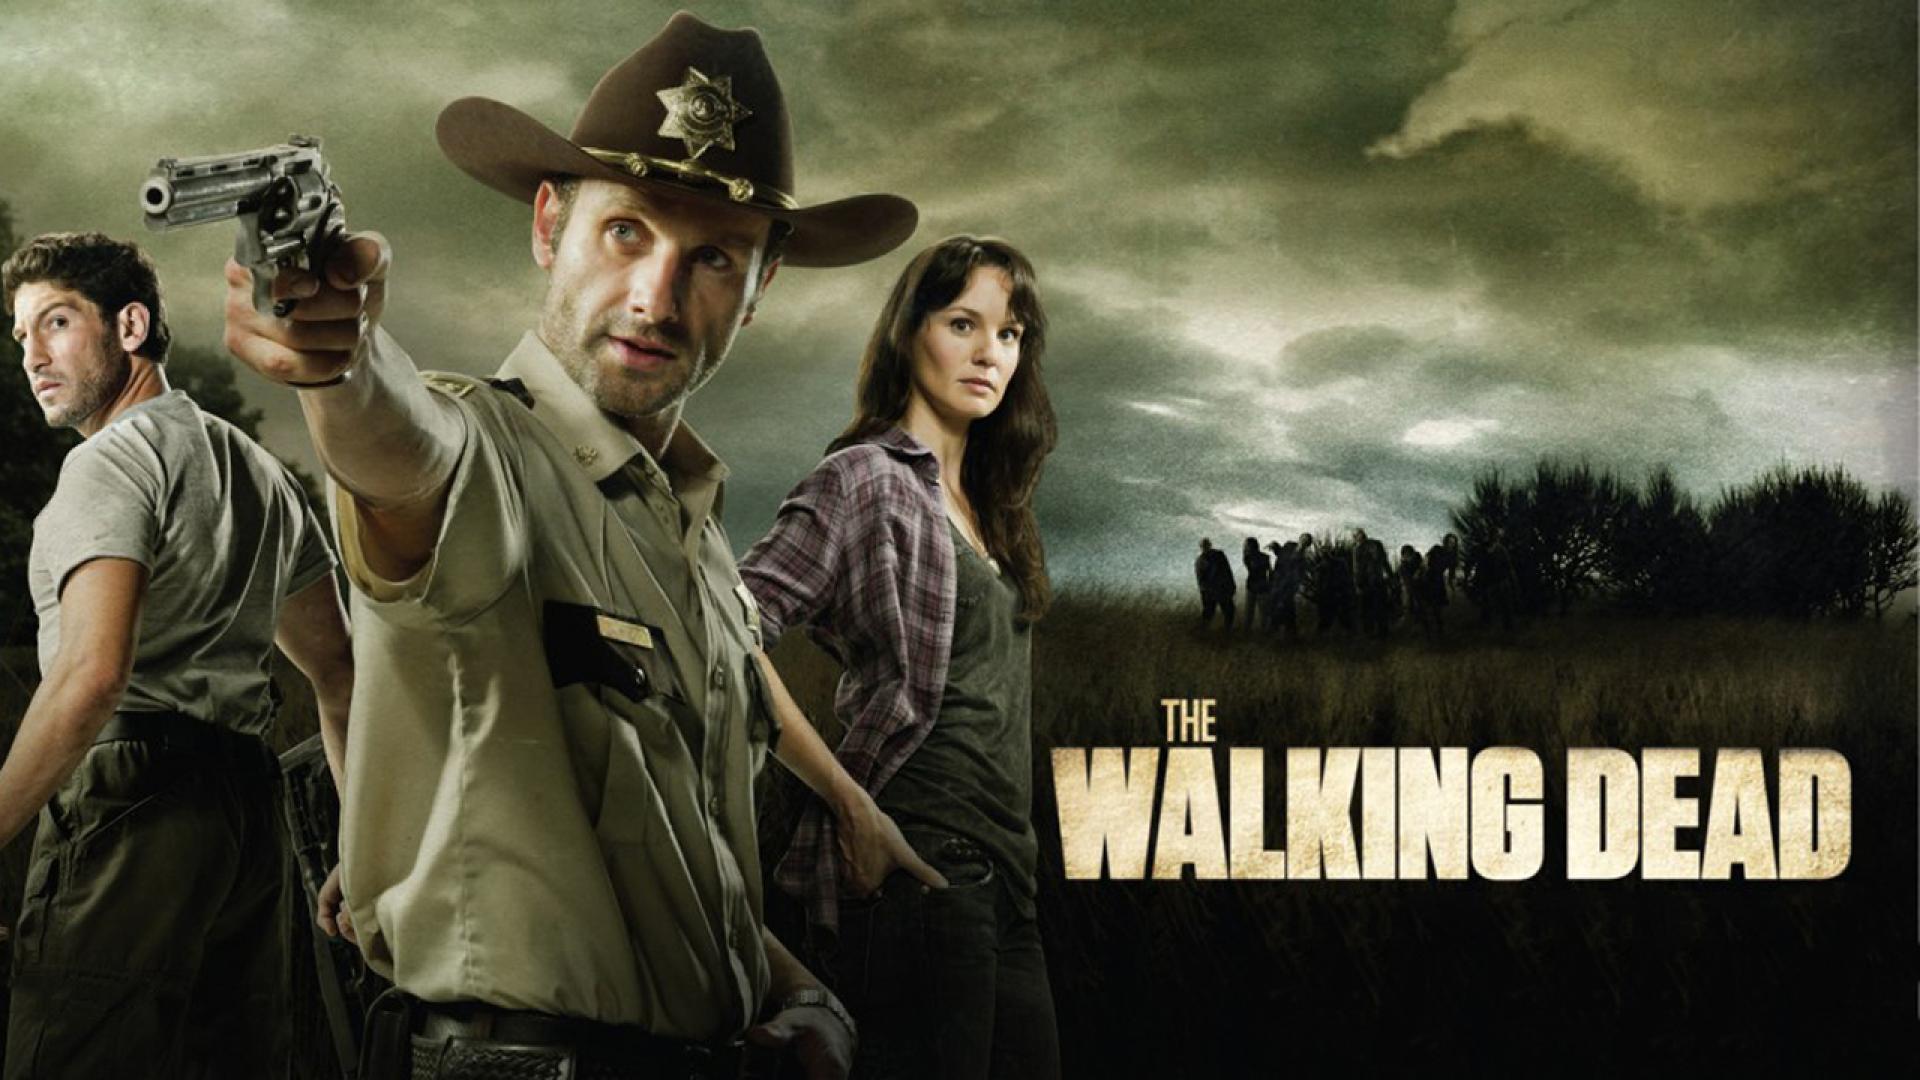 Walking Dead Wallpaper 33 Widescreen